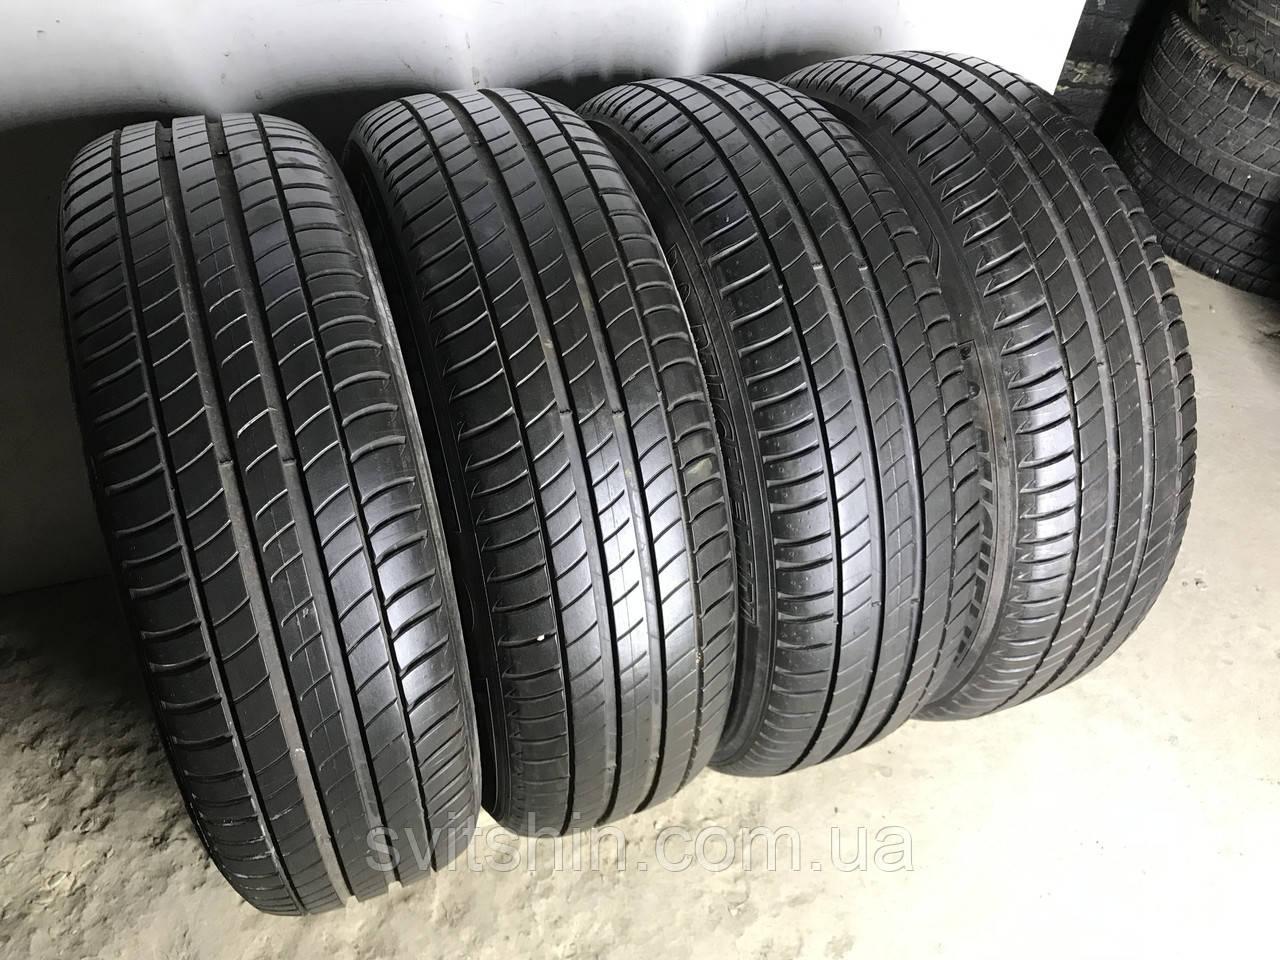 Шини бу літні 215/65R17 Michelin Primacy 3 (18год) 7мм 4шт